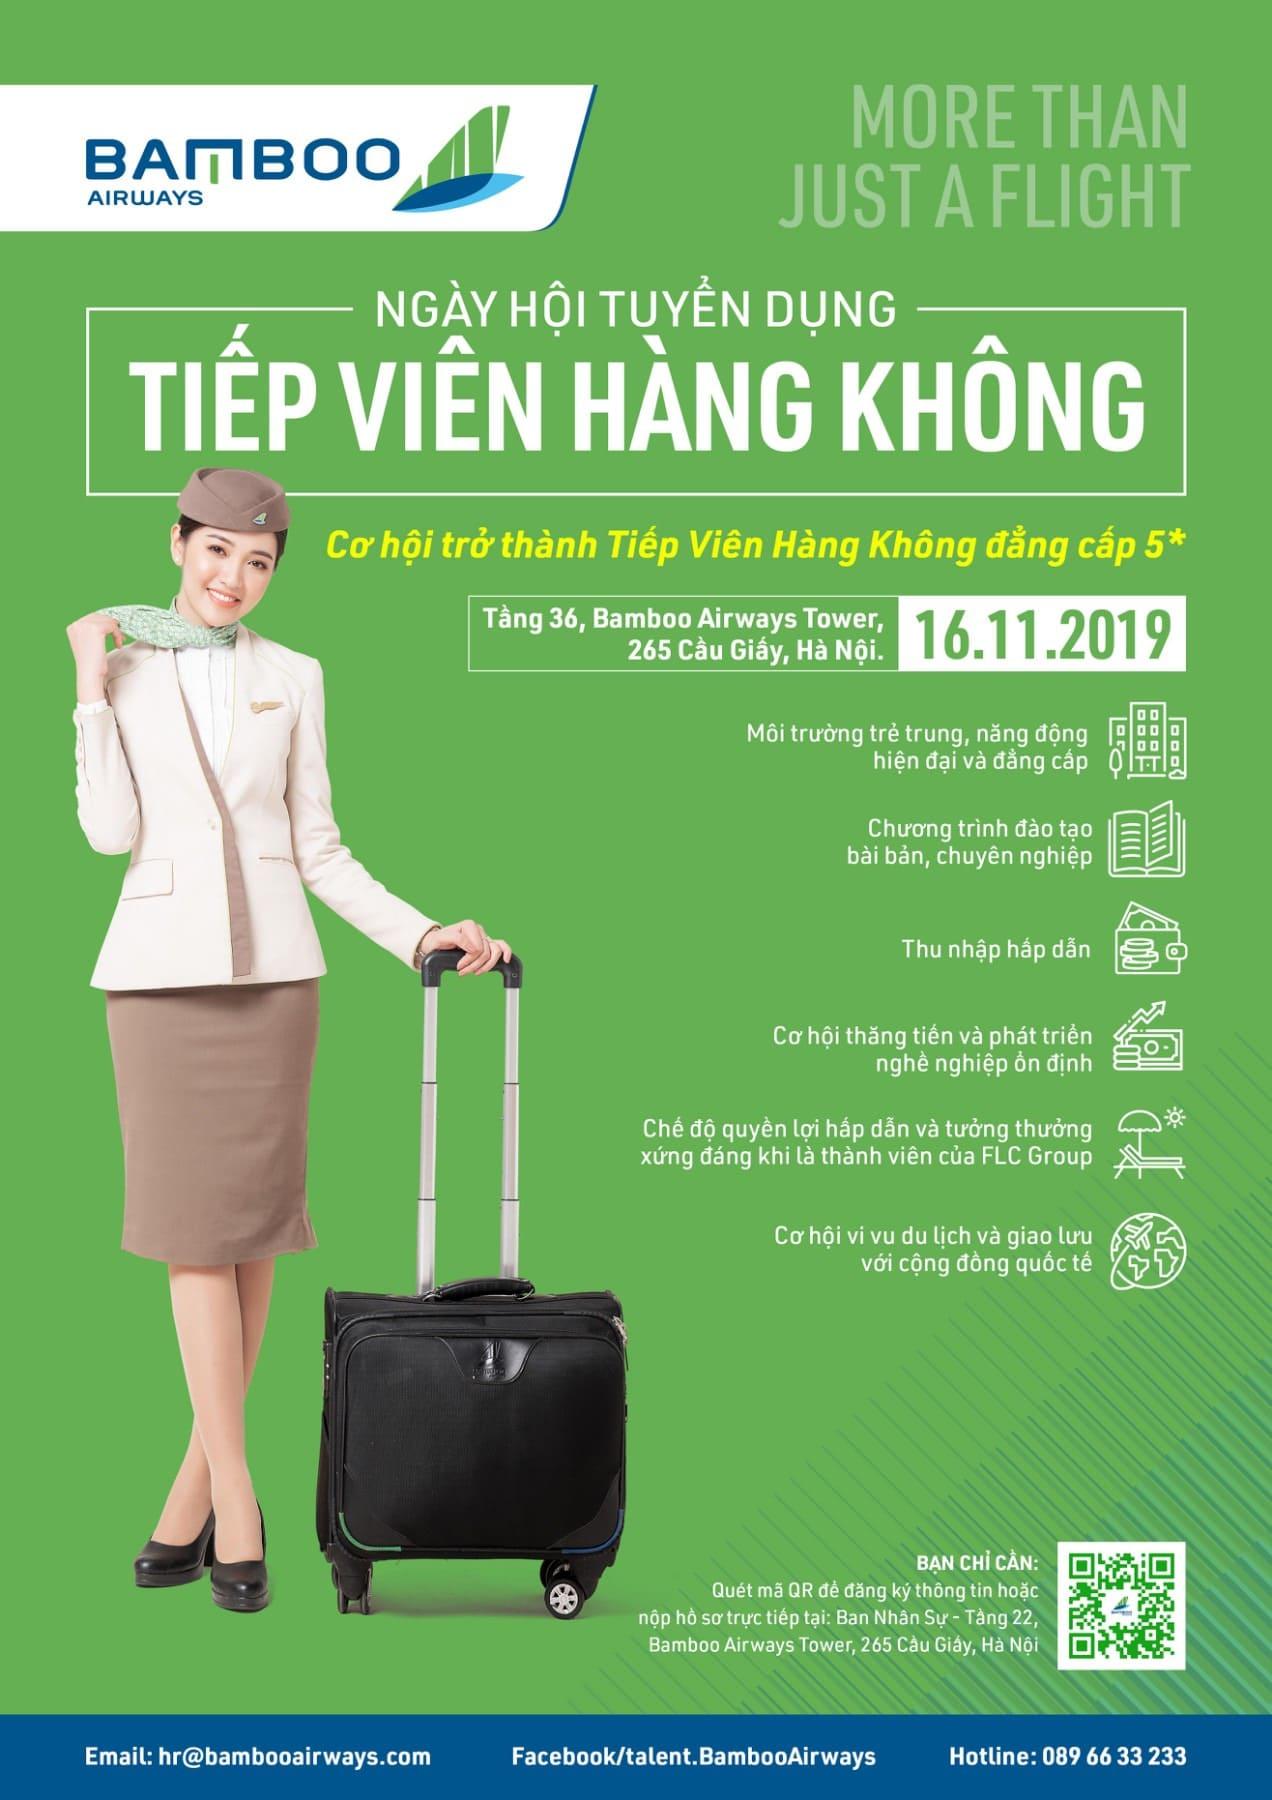 mẫu poster tuyển dụng tiếp viên hàng không